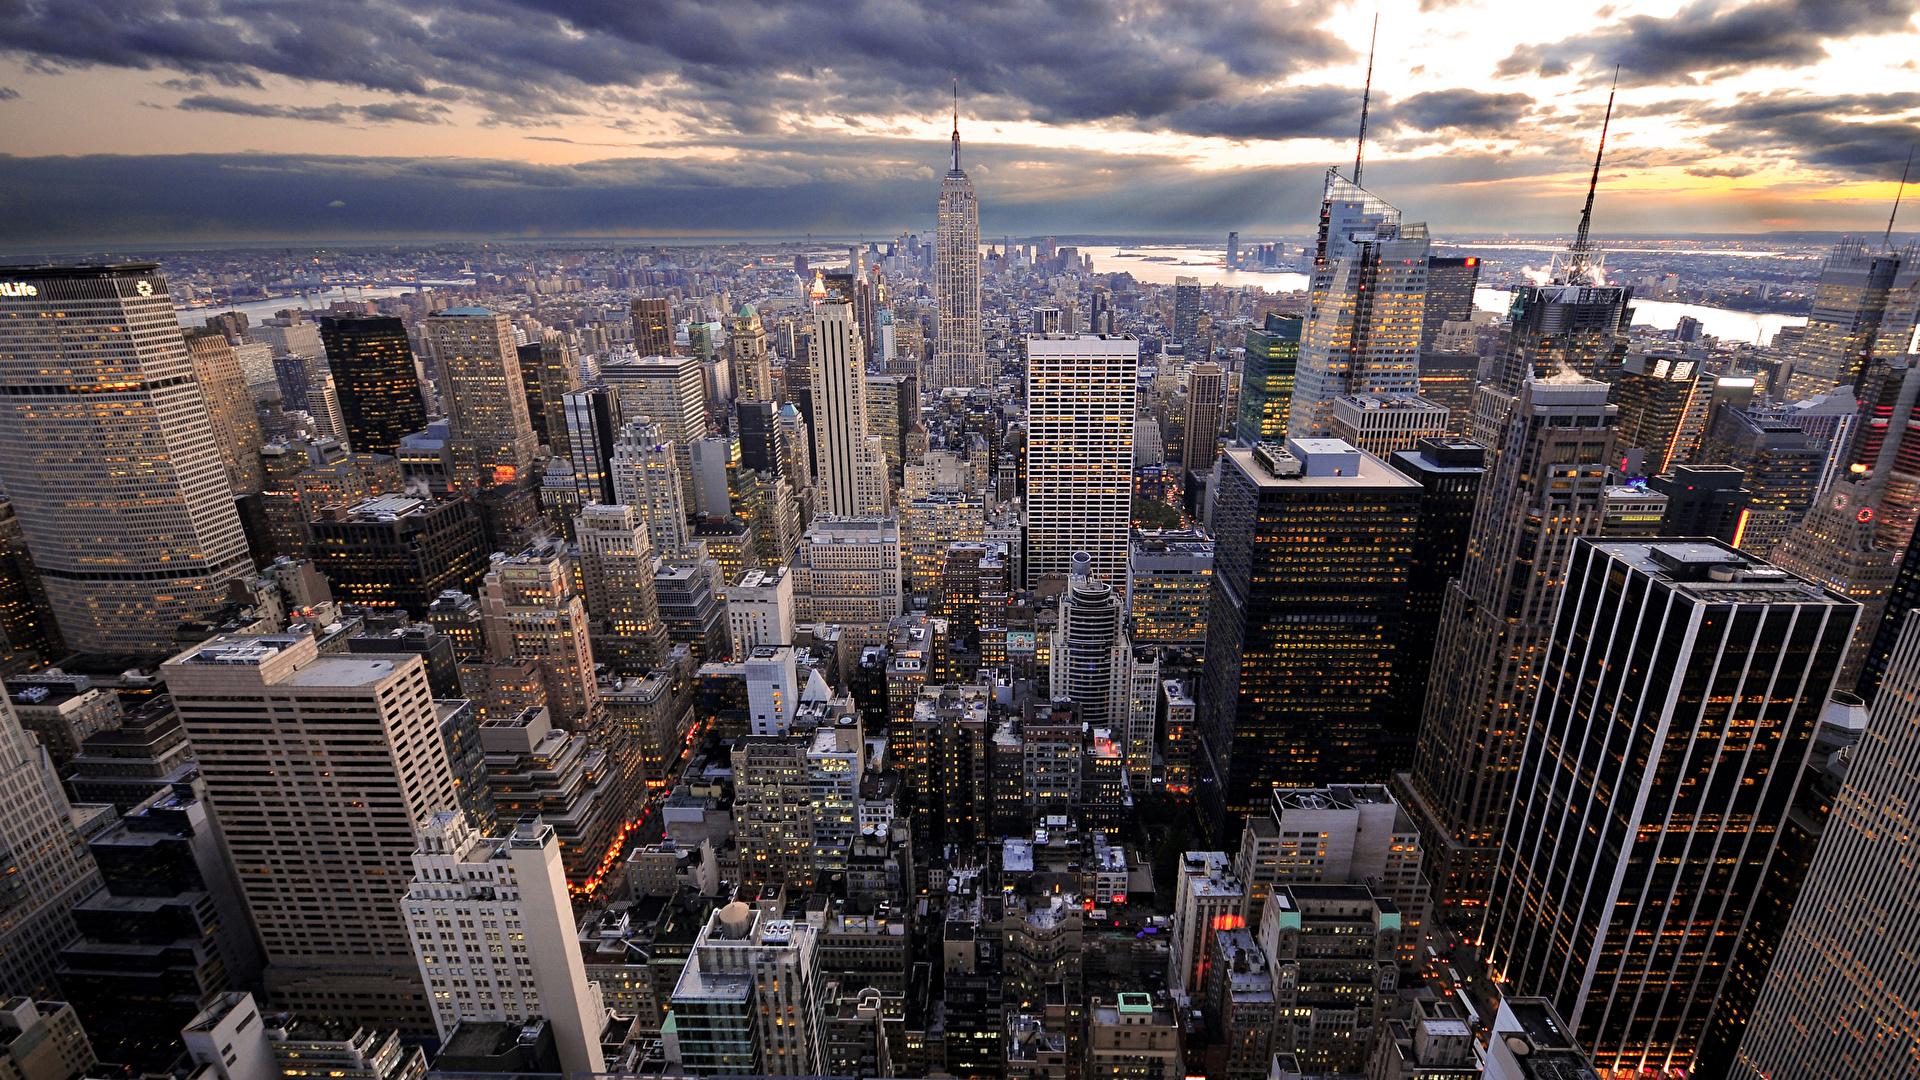 Desktop Hintergrundbilder New York City Usa Städte 1920x1080